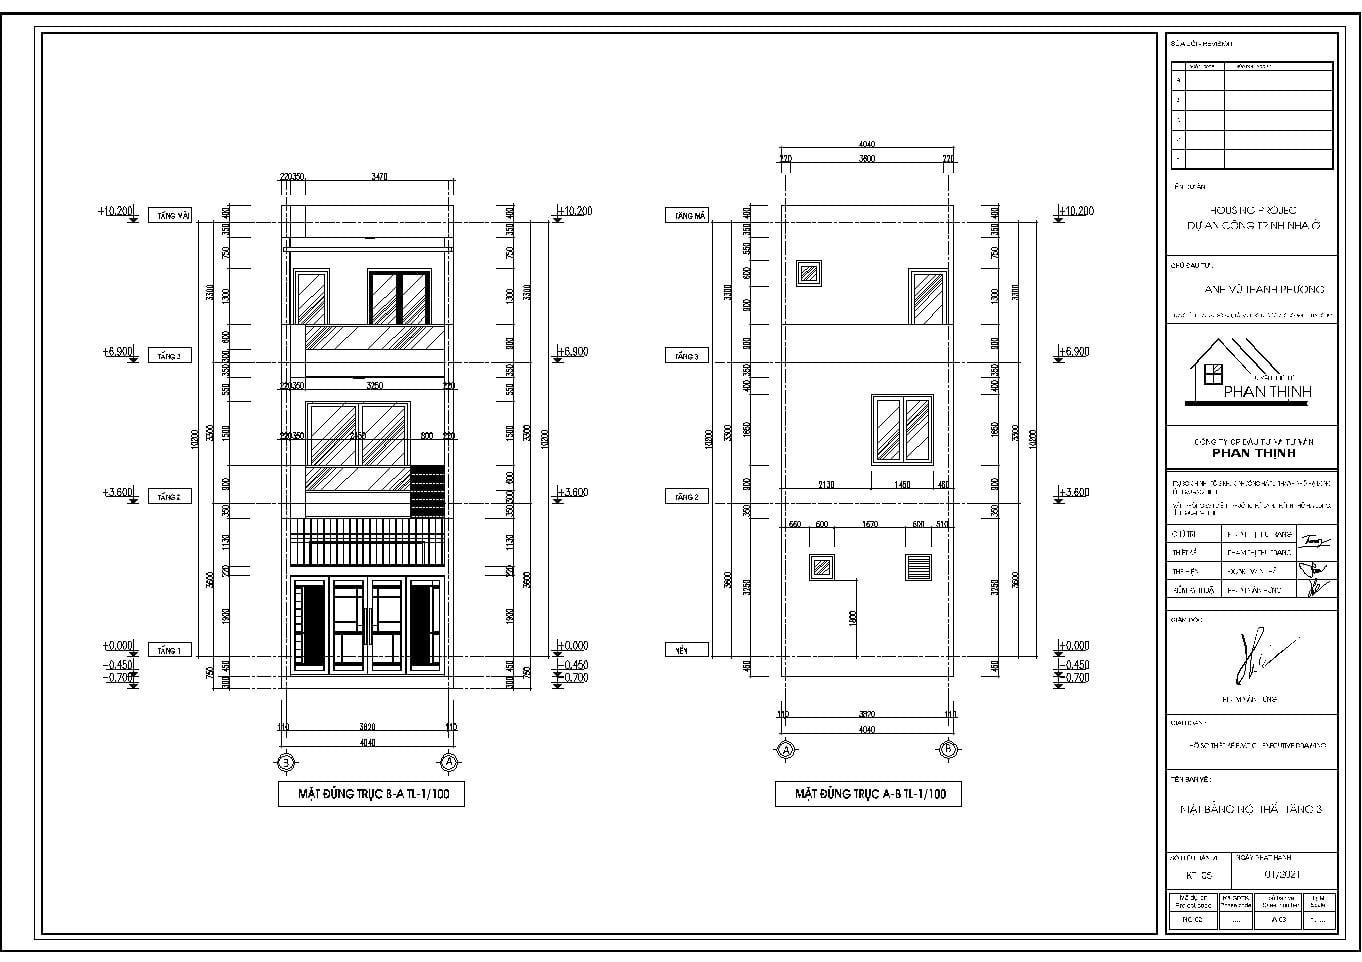 Mặt đứng nhà 2 tầng 1 tum đẹp Quảng Ninh